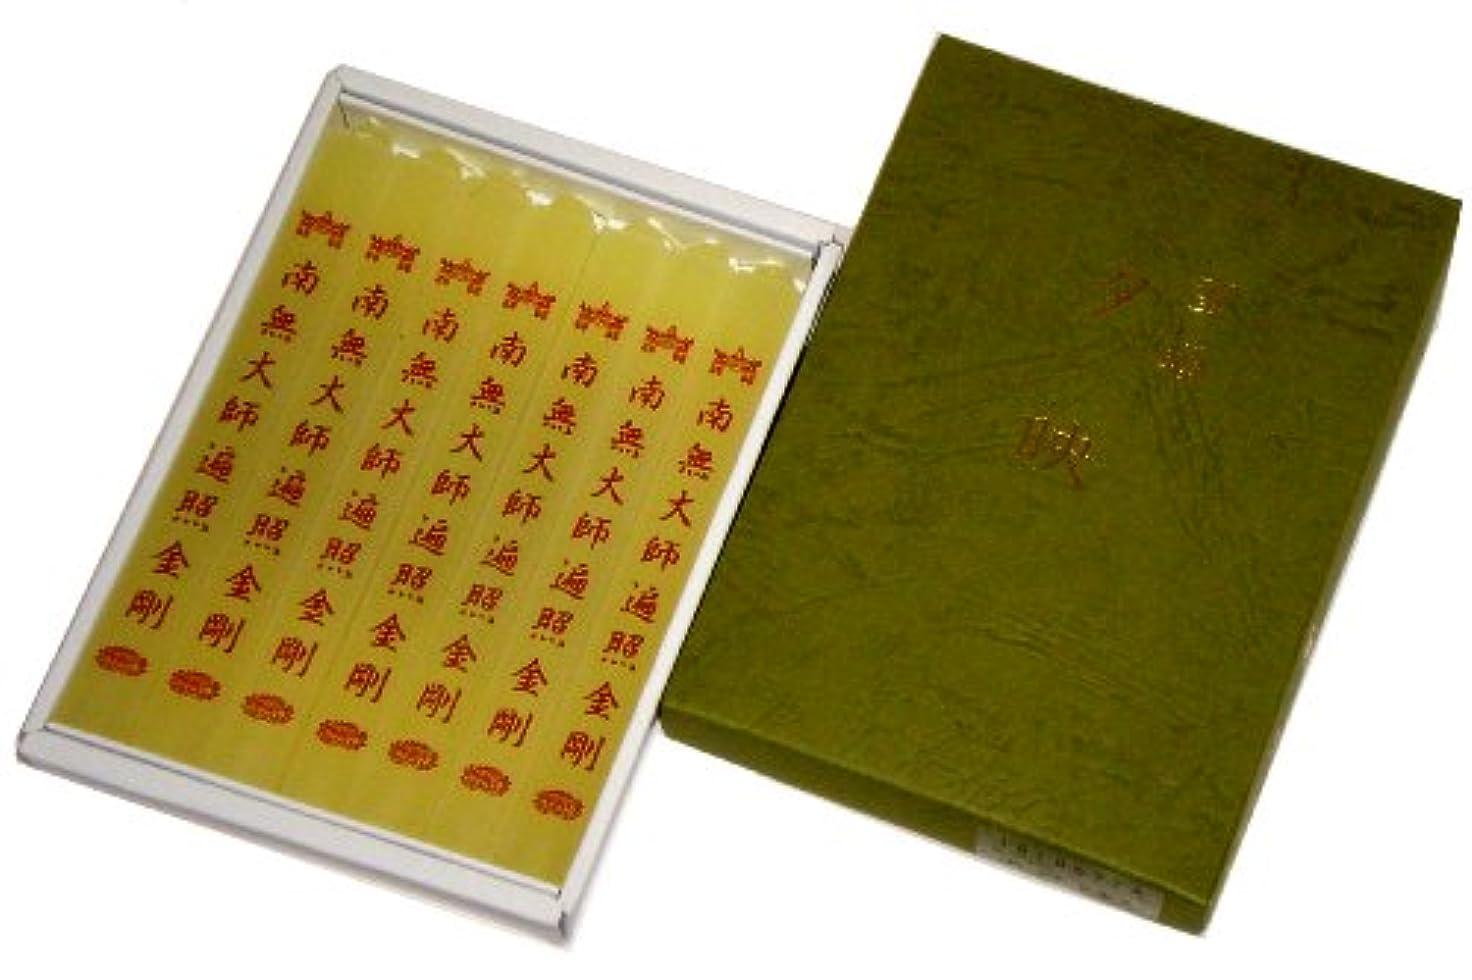 拘束全員なんとなく鳥居のローソク 蜜蝋夕映 大師 7本入 紙箱 #100714